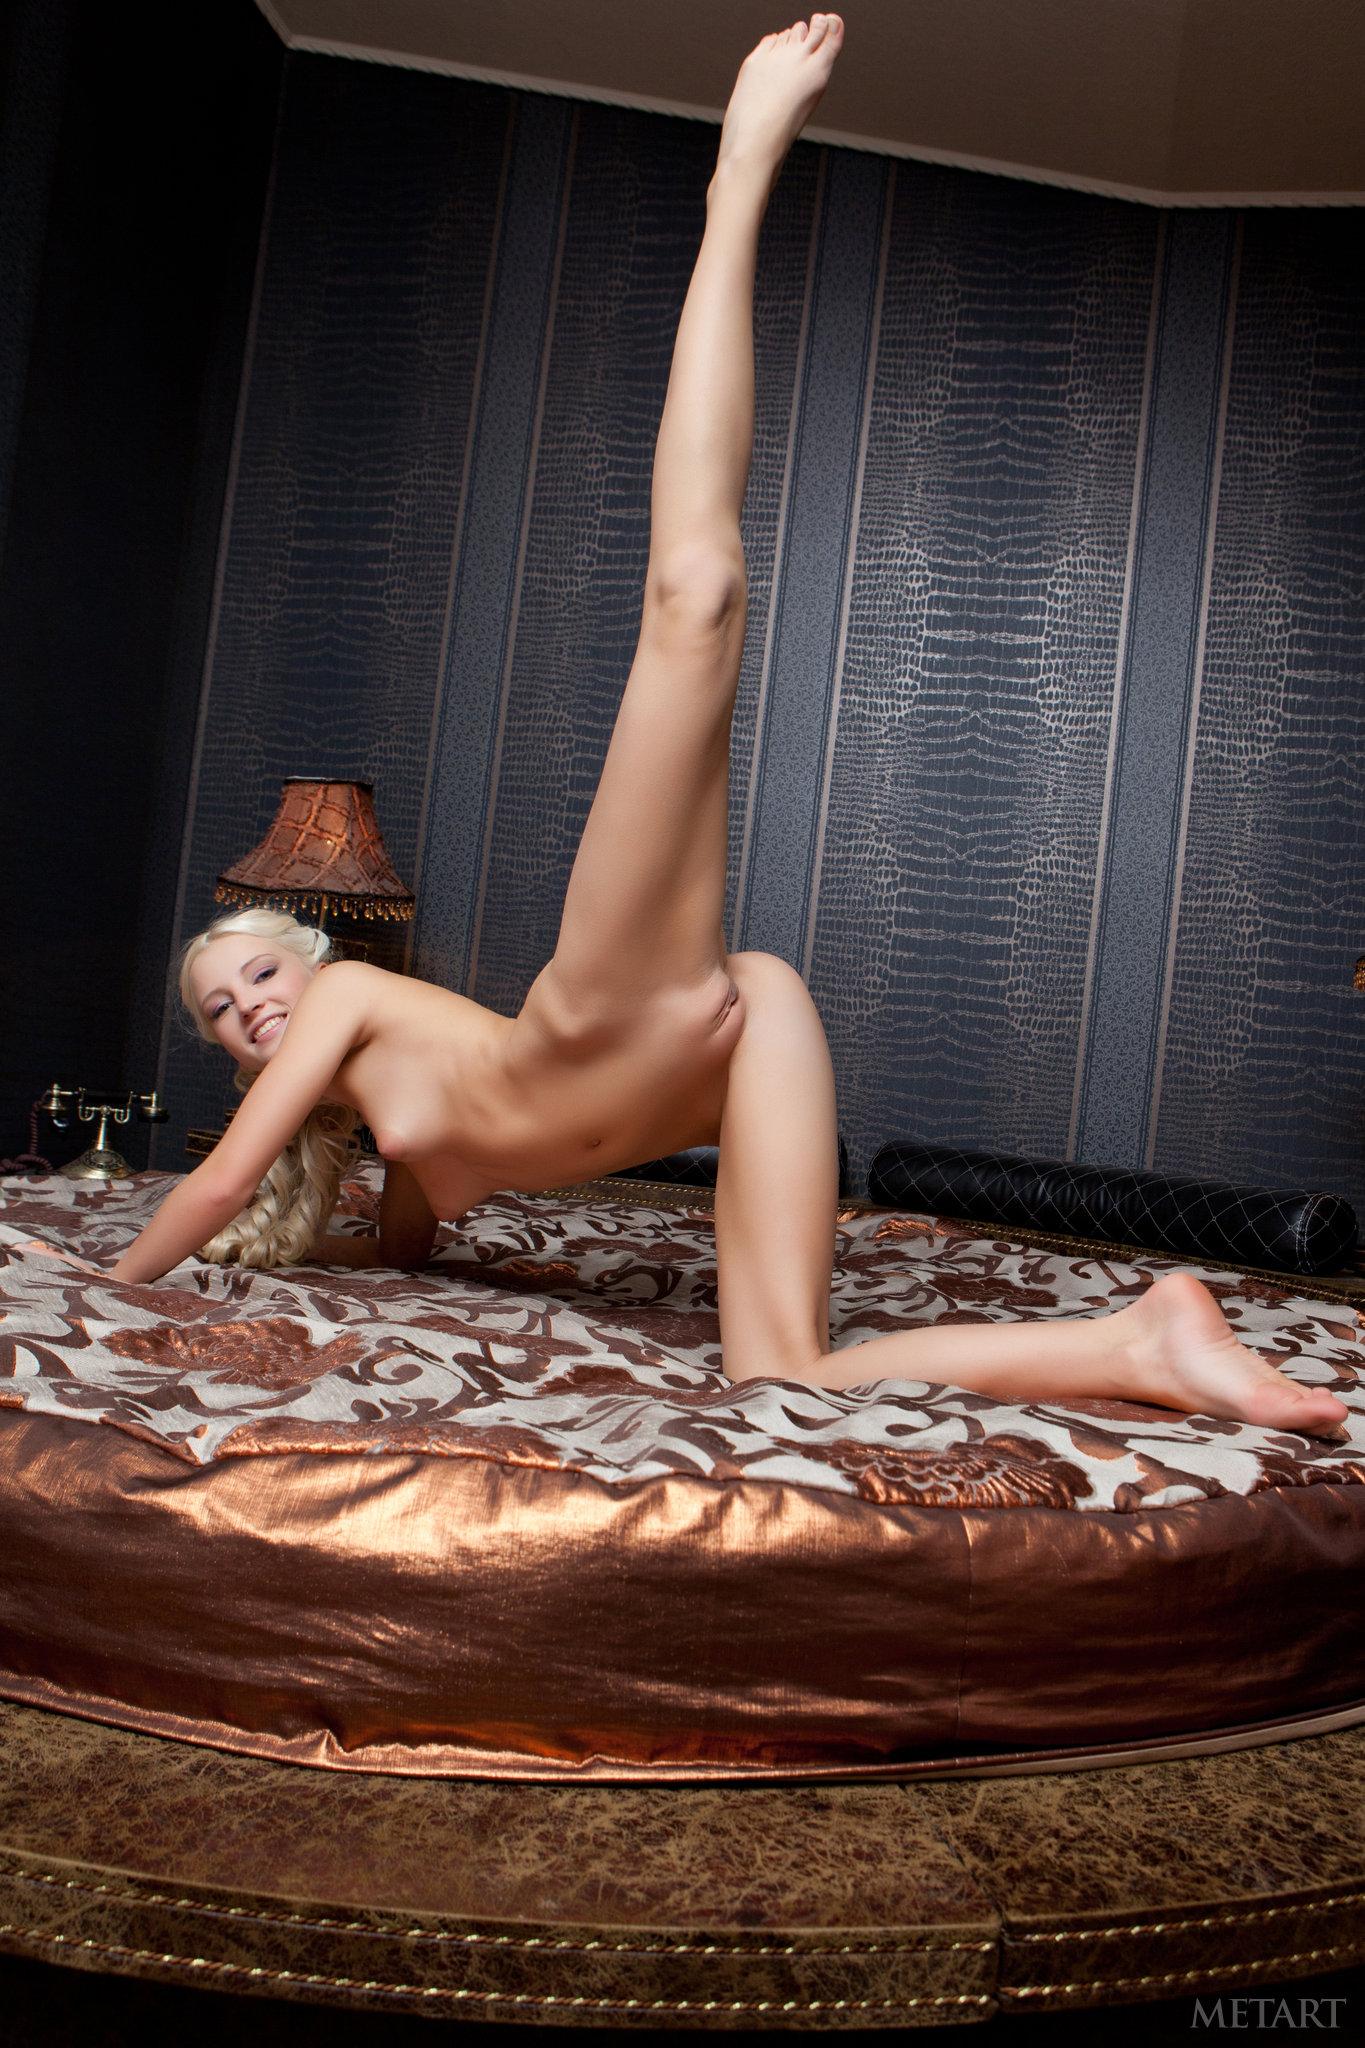 Amateur Sey Blonde Babe Posing